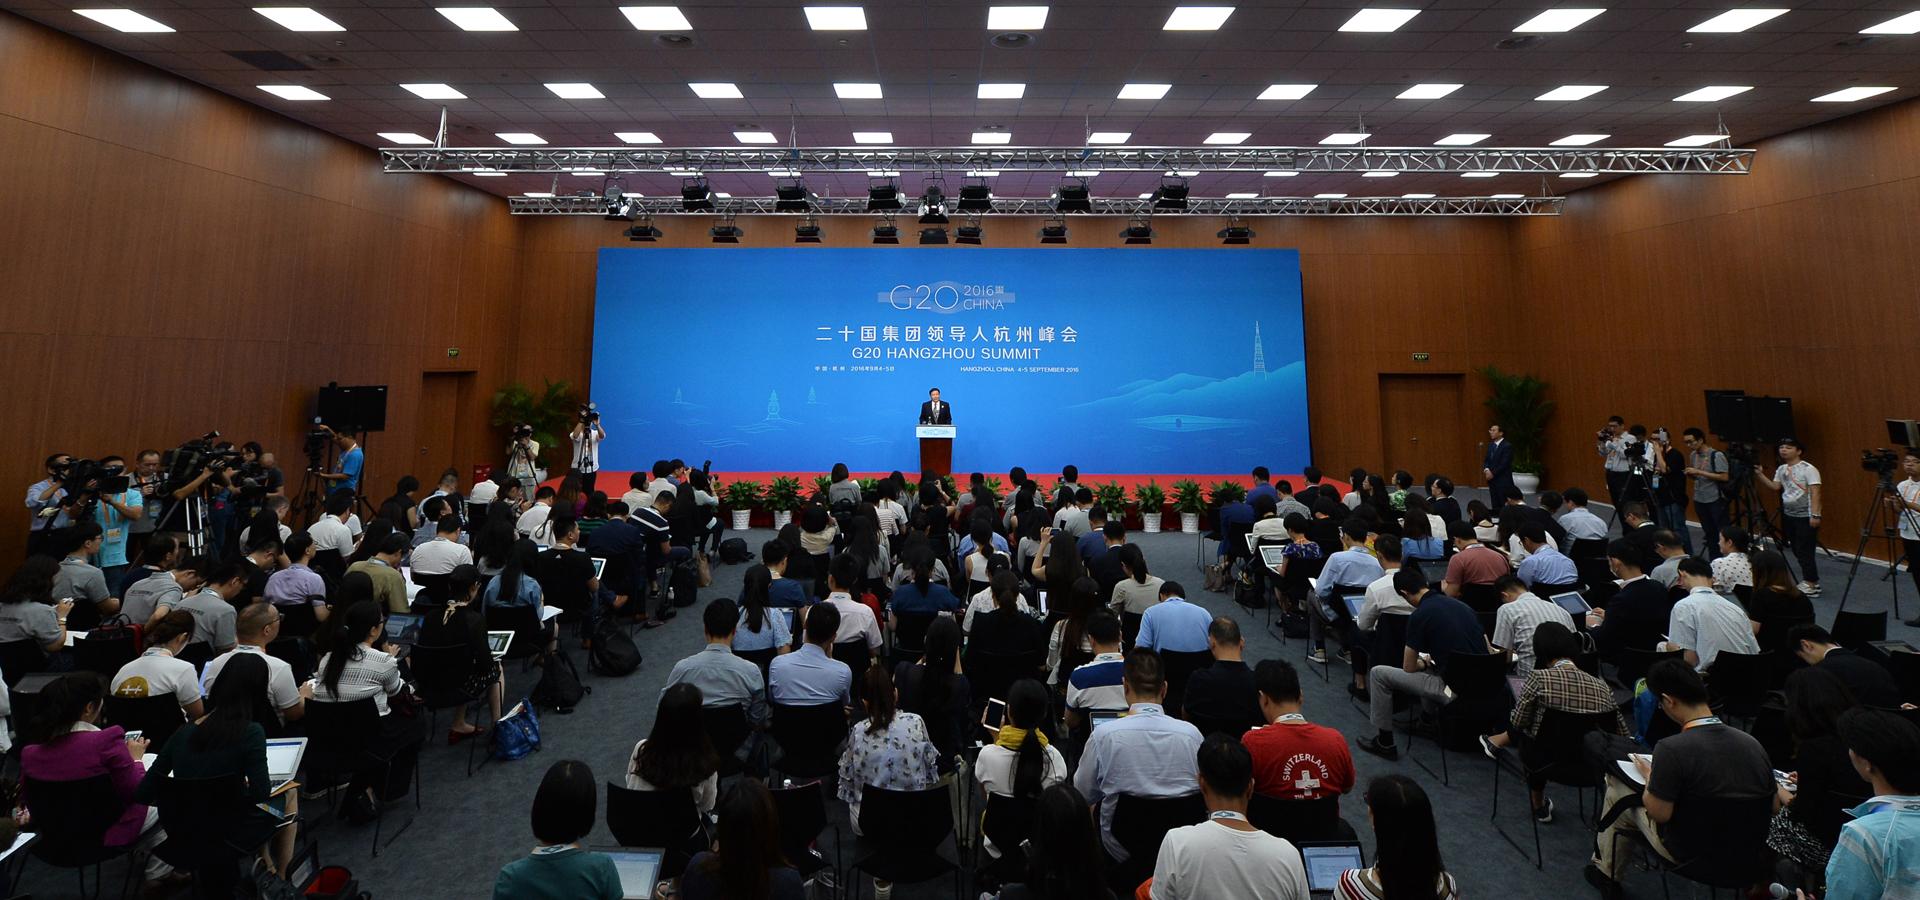 中國代表團財政部副部長朱光耀召開新聞發布會